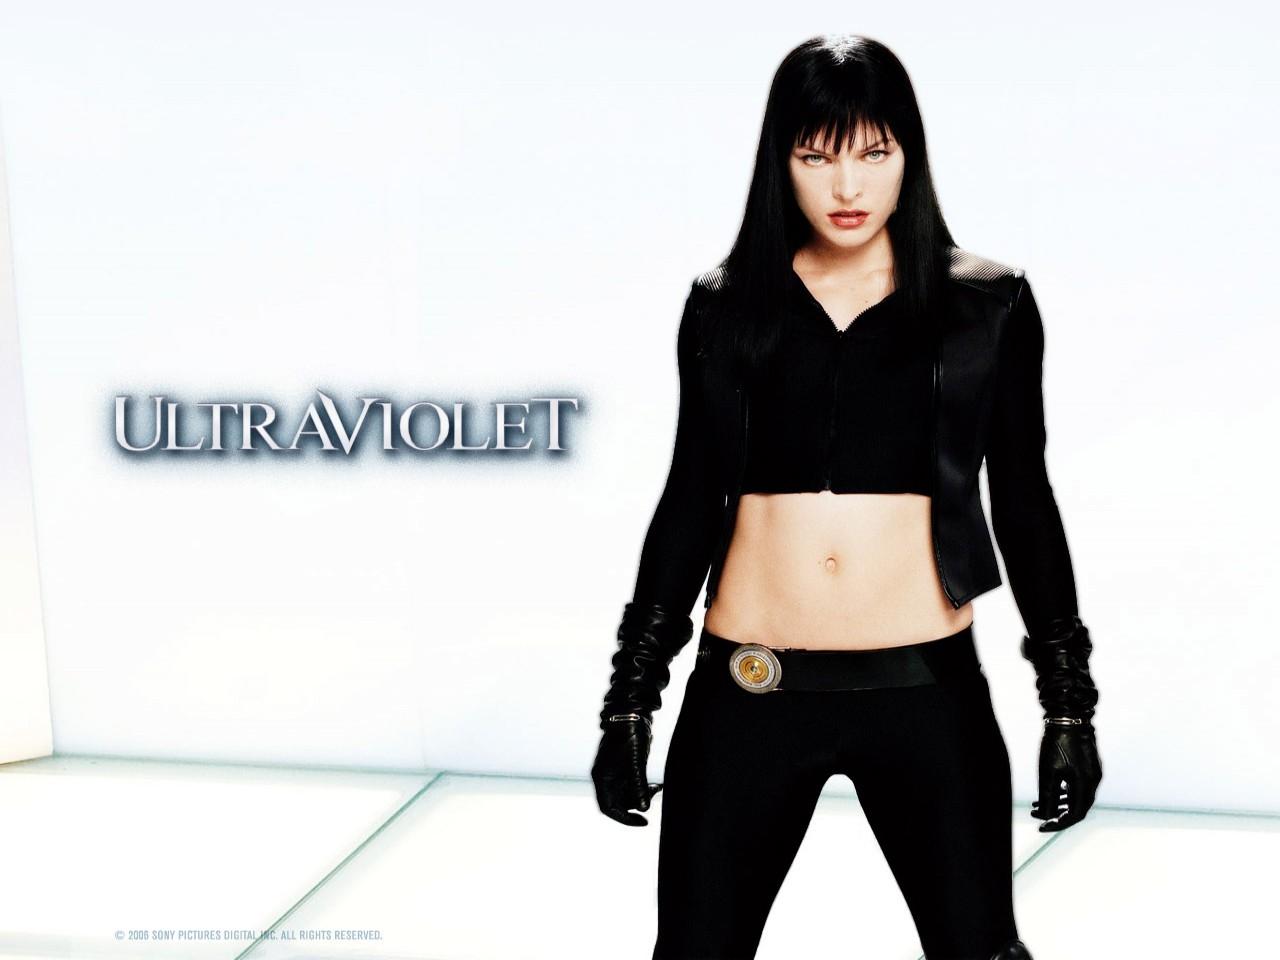 Wallpaper di Milla Jovovich, sexy e grintosa eroina di Ultraviolet